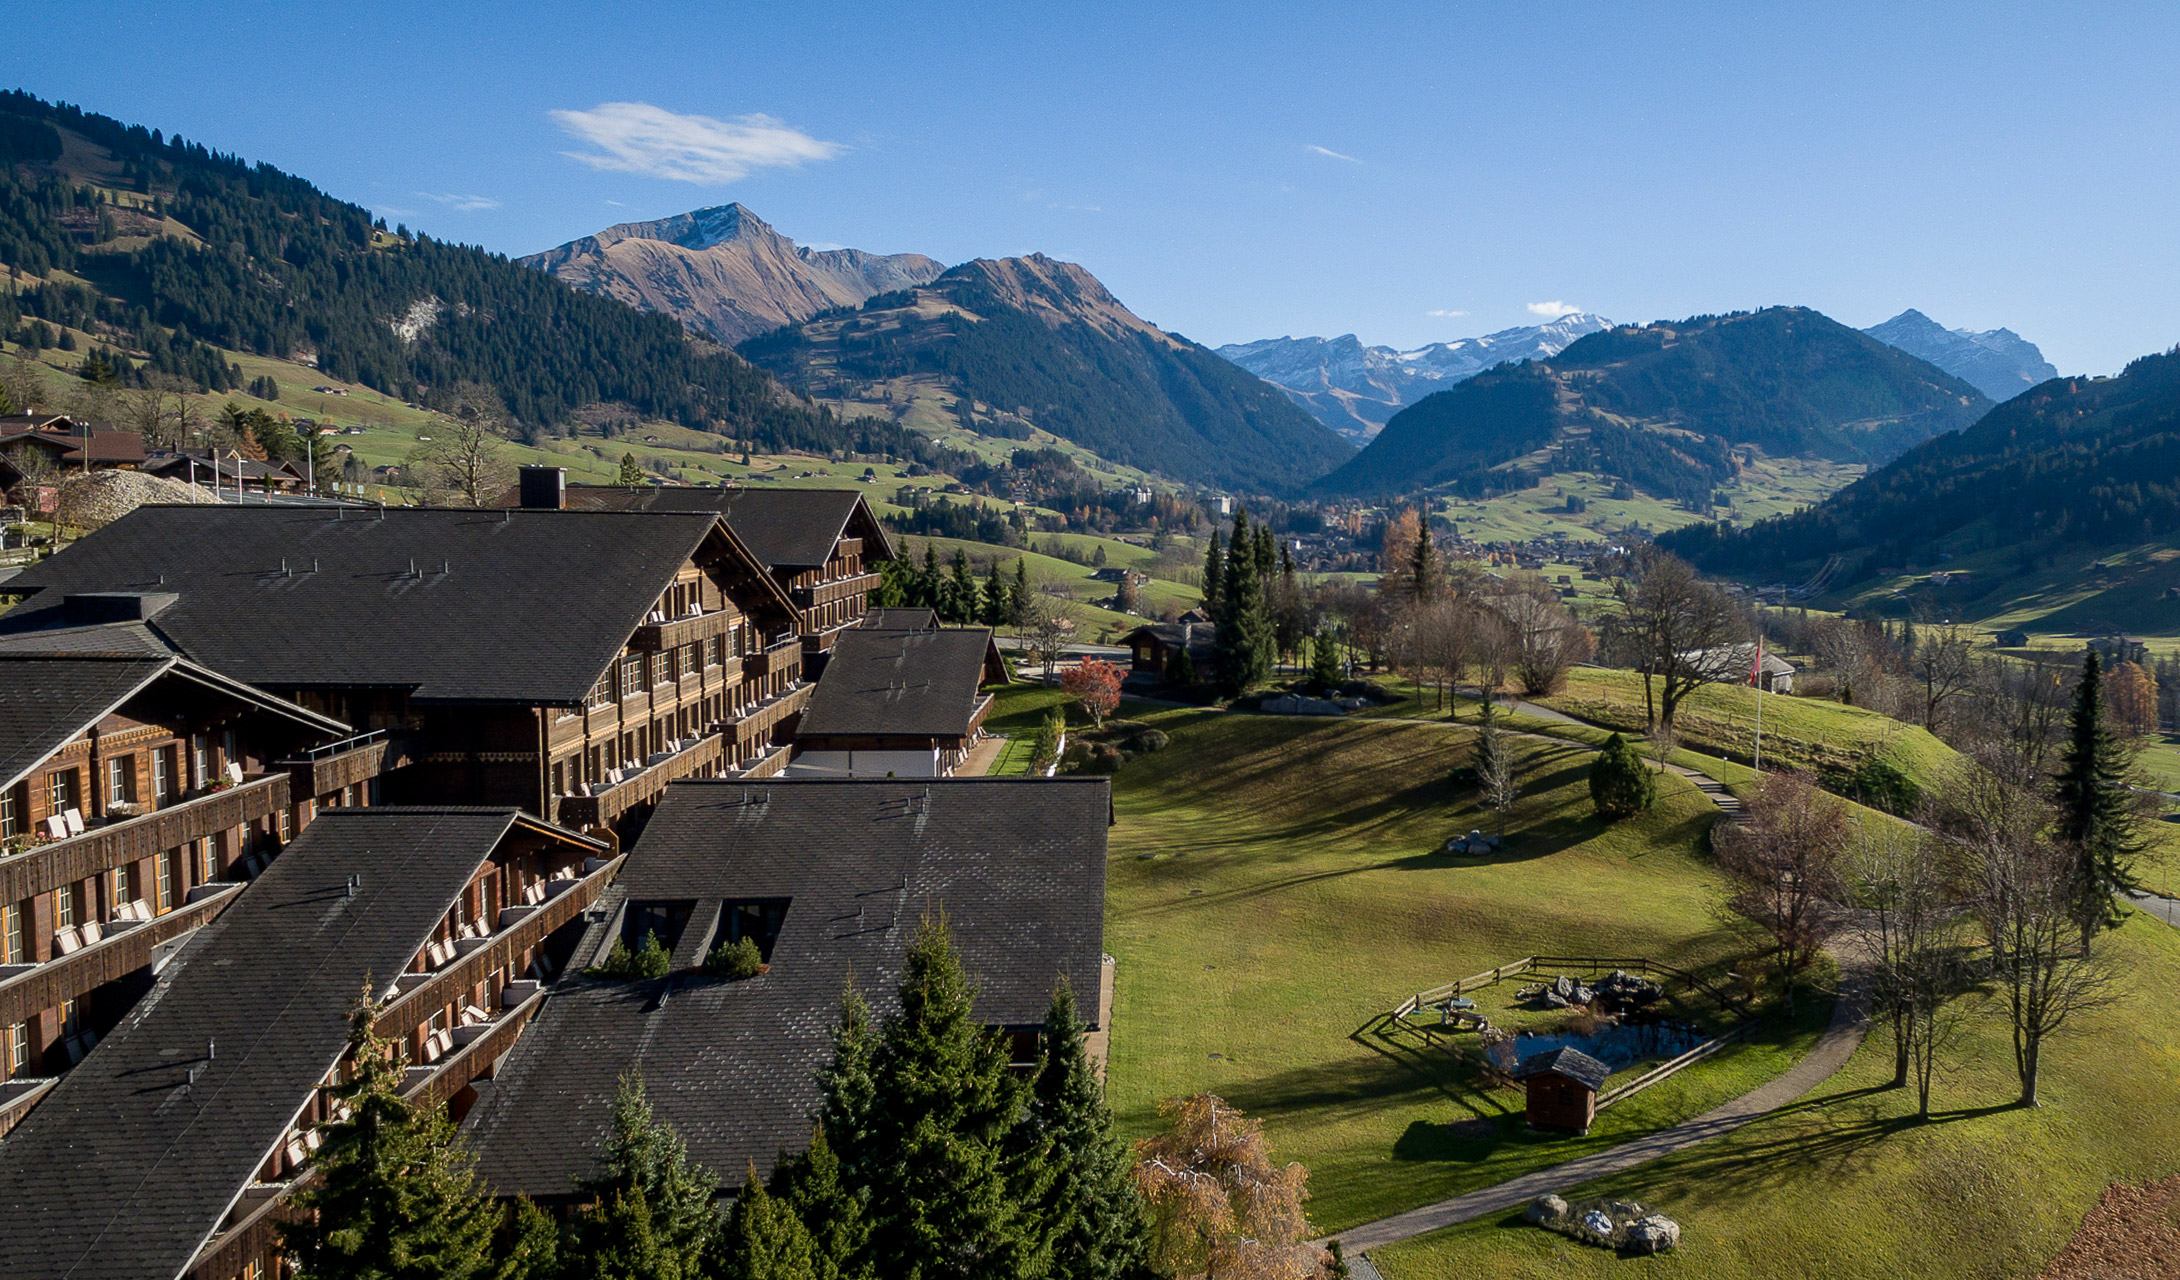 غشتاد القرية السويسرية الخلابة معلومات-عن-غشتاد.jpg